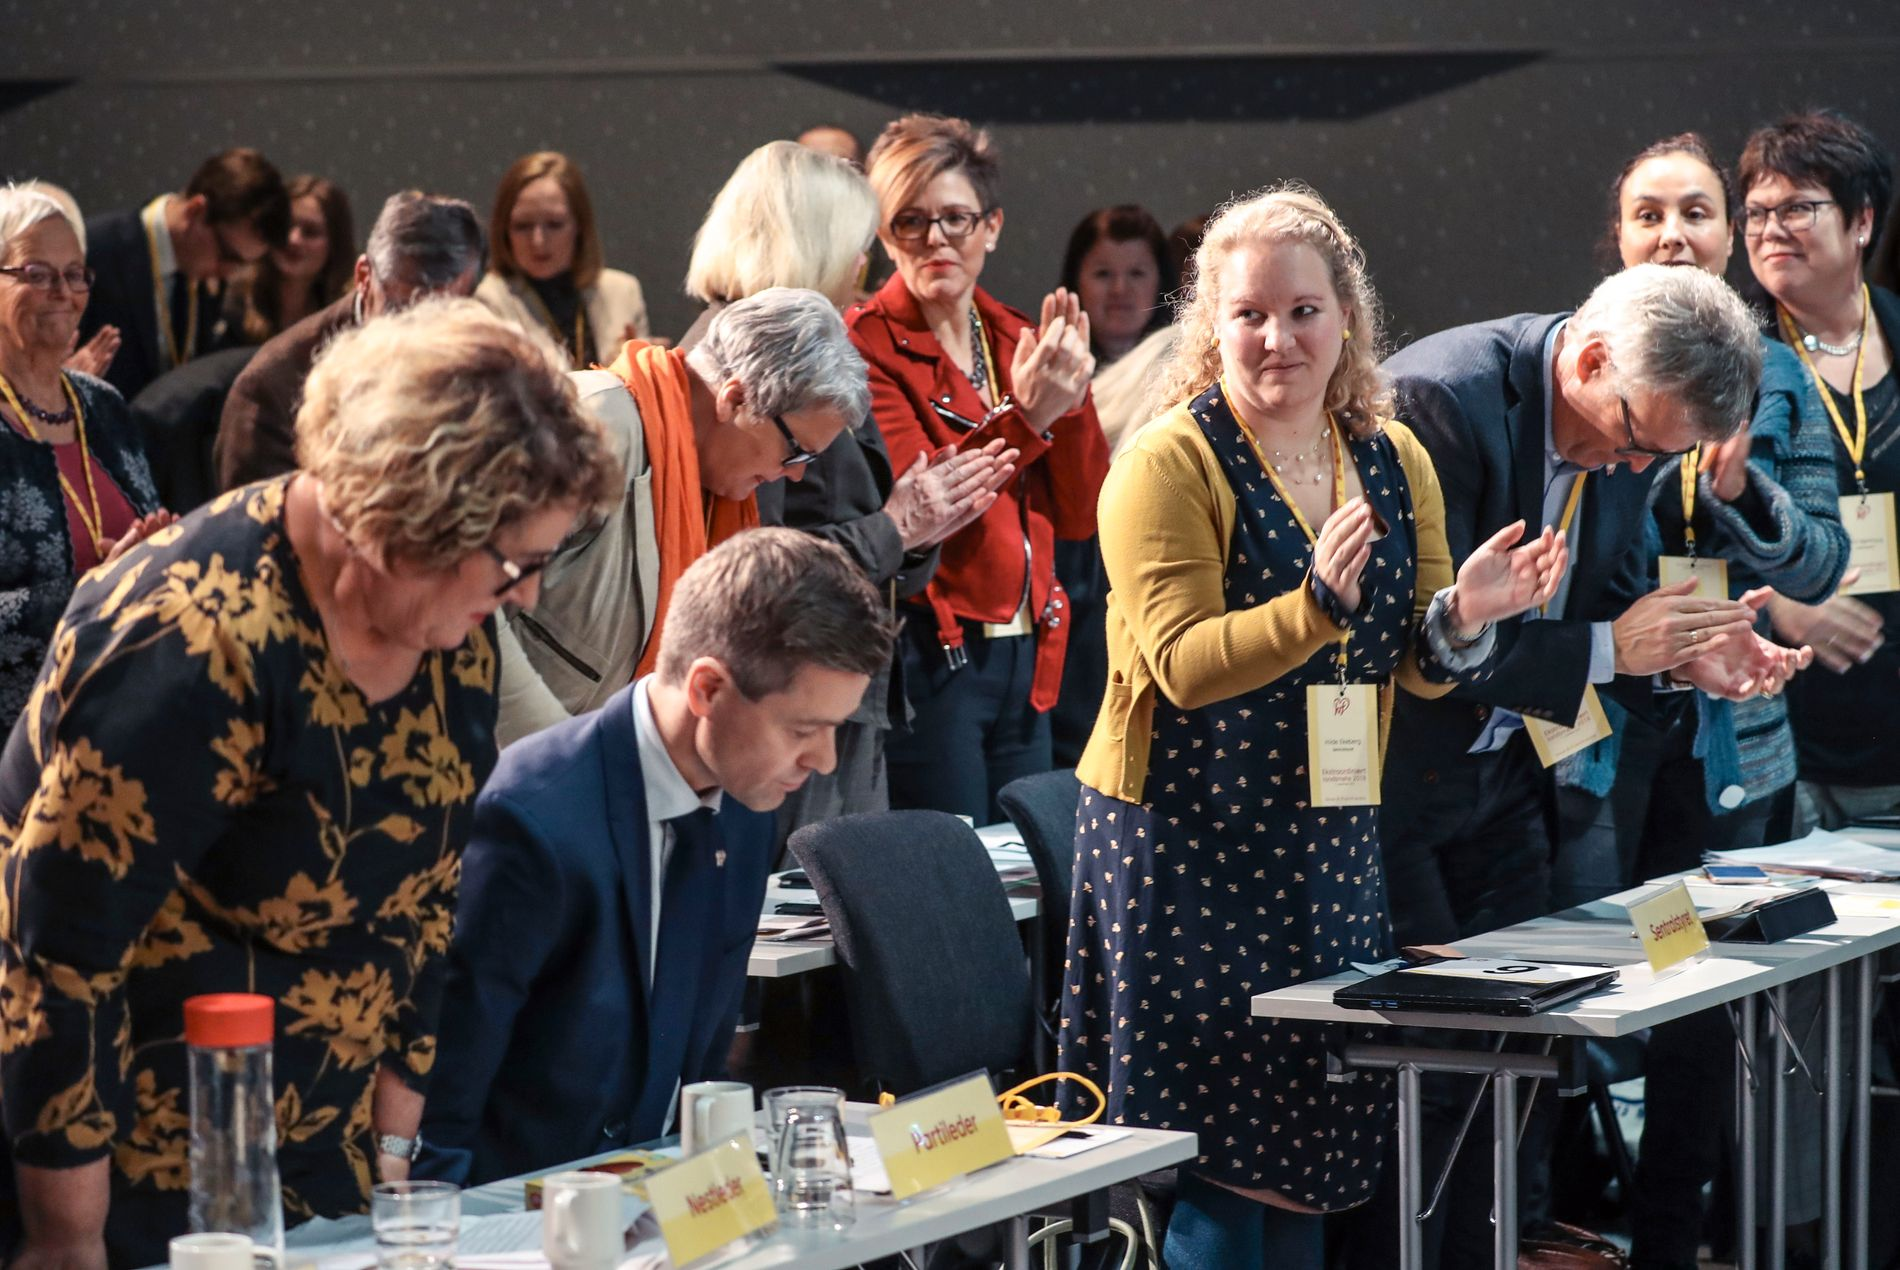 HEIER PÅ HAREIDE: Sentralstyremedlem Hilde Ekeberg (ikledd gult til høyre) deltok i stående applaus etter Knut Arild Hareides tale til landsmøtet.